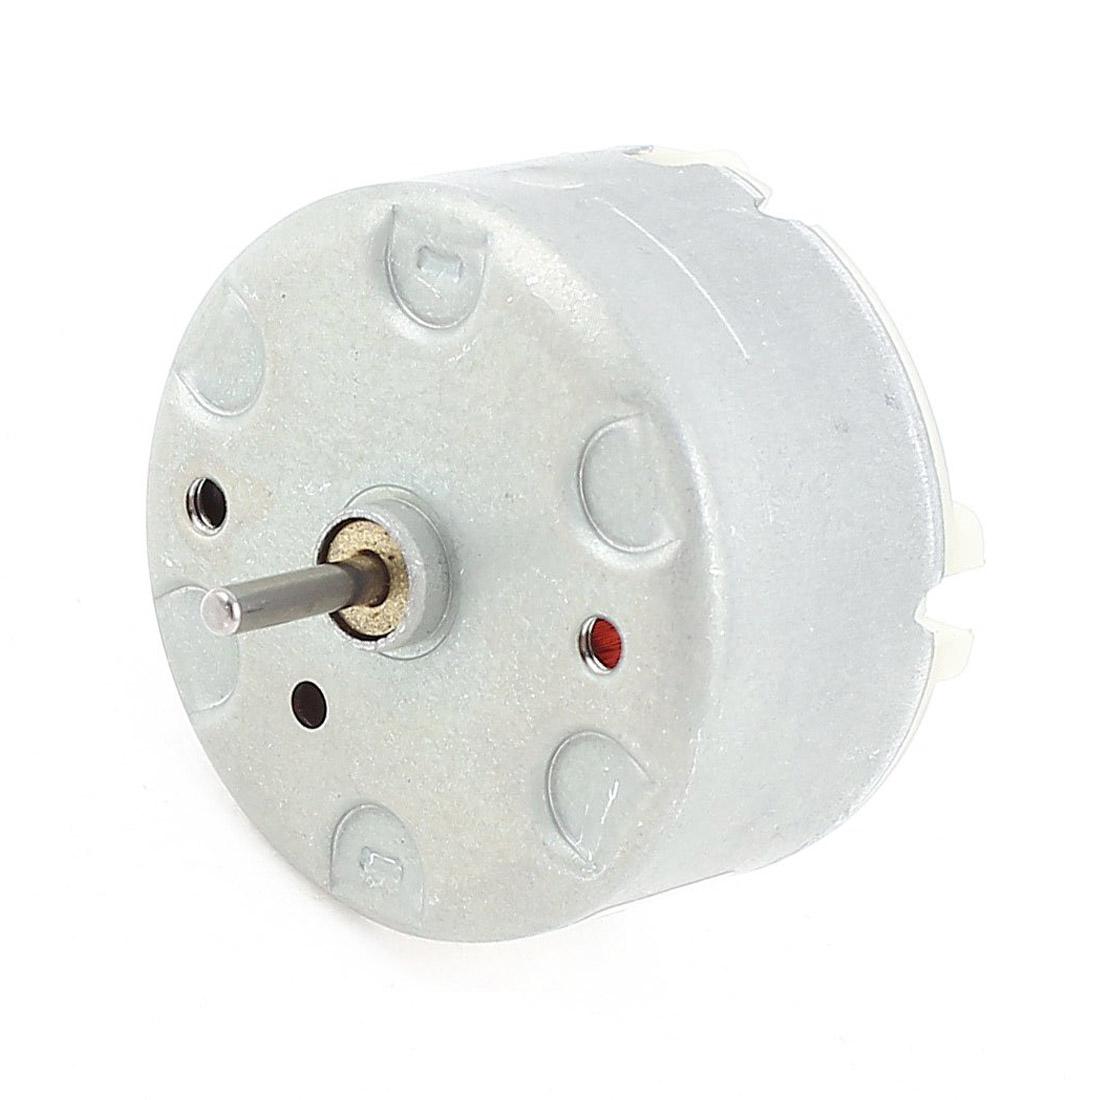 MIN speed 32 mmameter DC silver N A6M3 RF-500 TB-12560 DC 1.5-12 V 2700 U